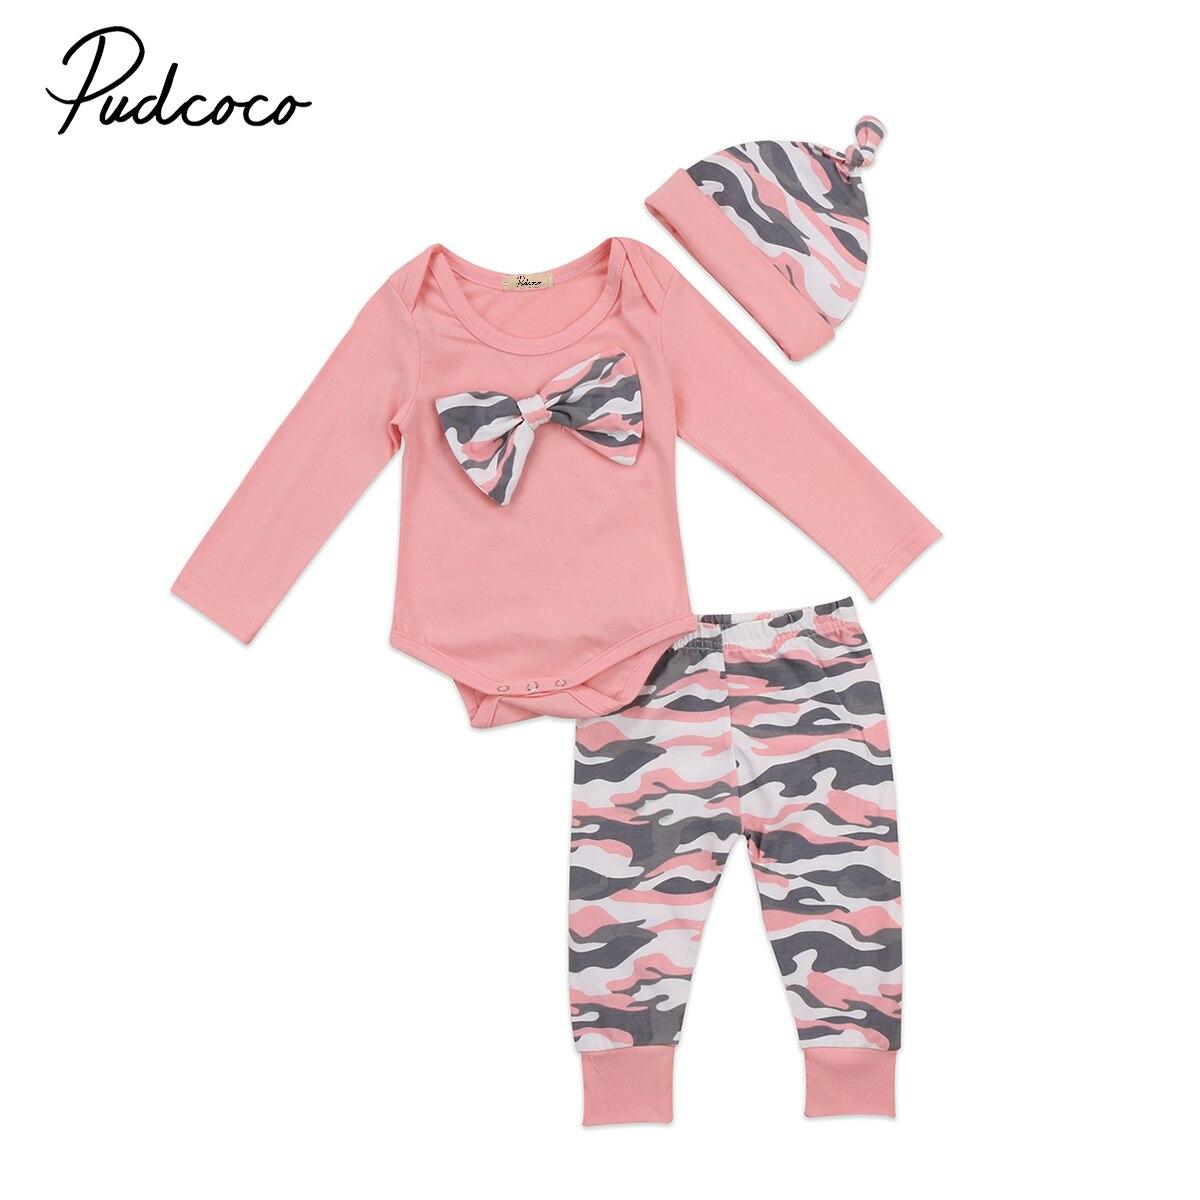 Одежда для малышей Обувь для девочек Наборы для ухода за кожей розовые хлопковые боди с длинными рукавами + длинные штаны + шляпа камуфляж на...